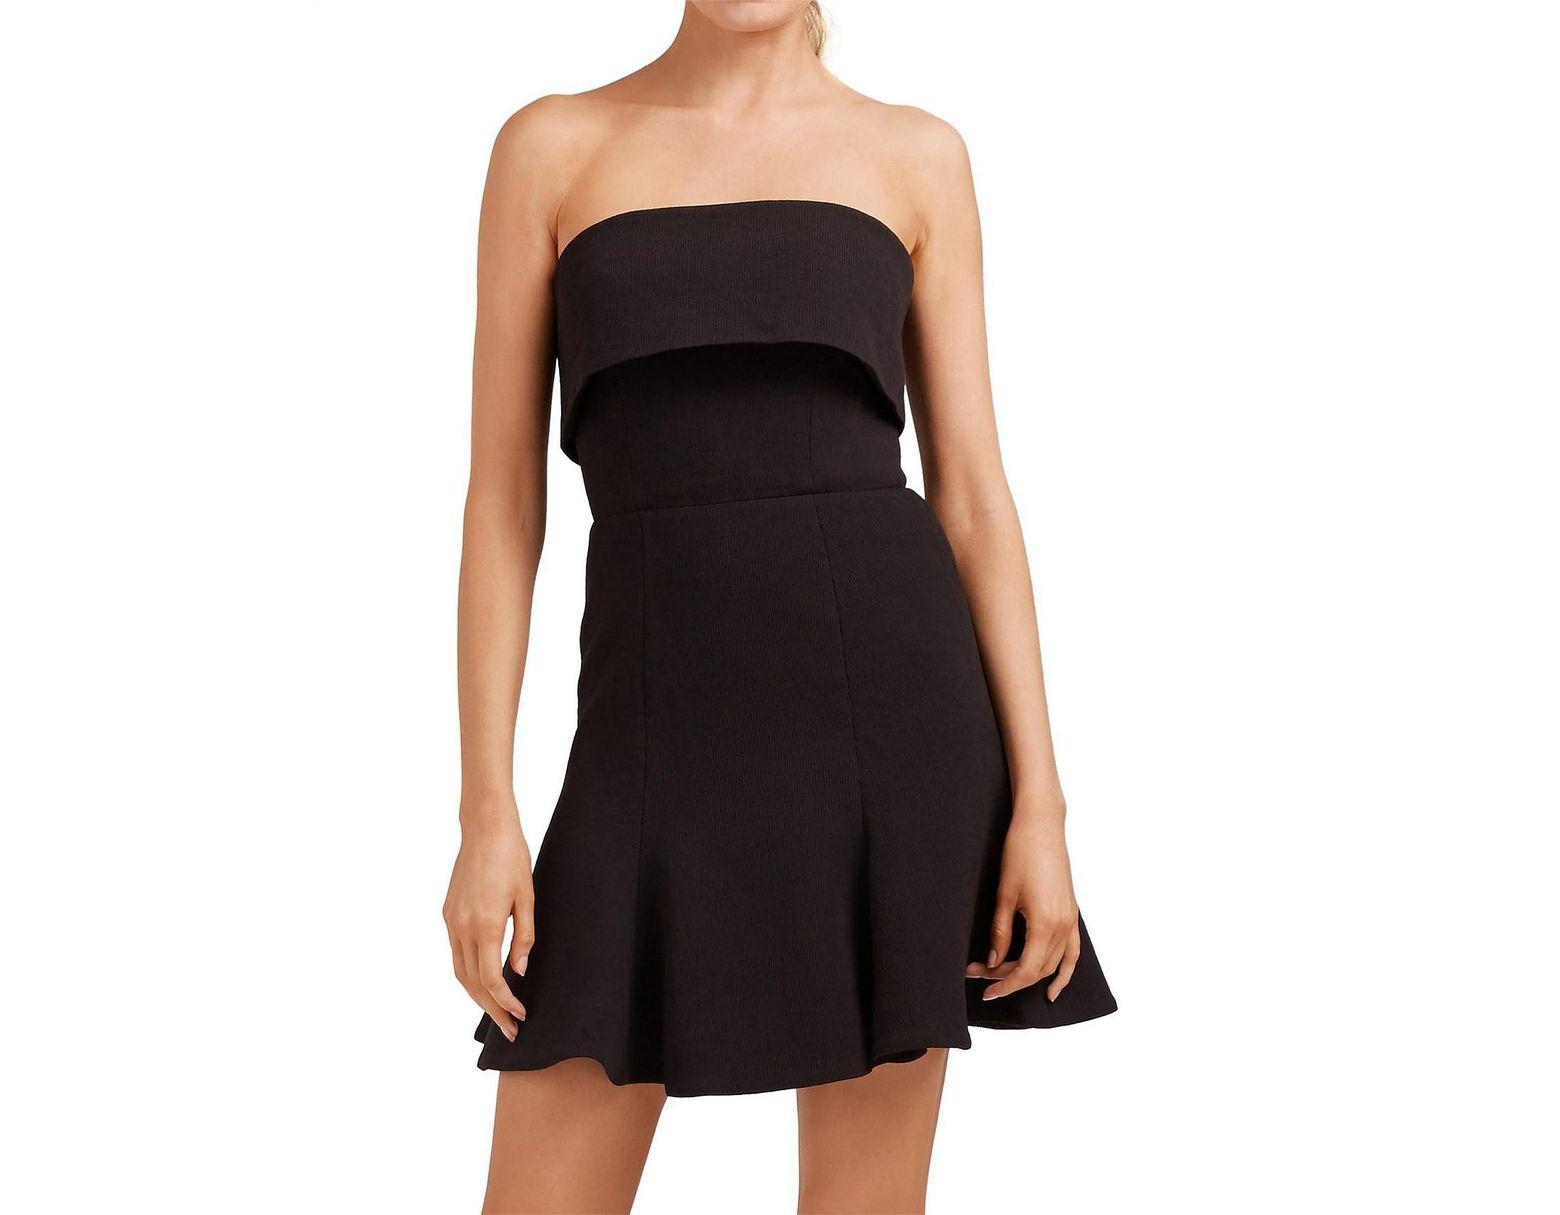 93c6dda54dbf C/meo Collective Apex Mini Dress in Black - Lyst